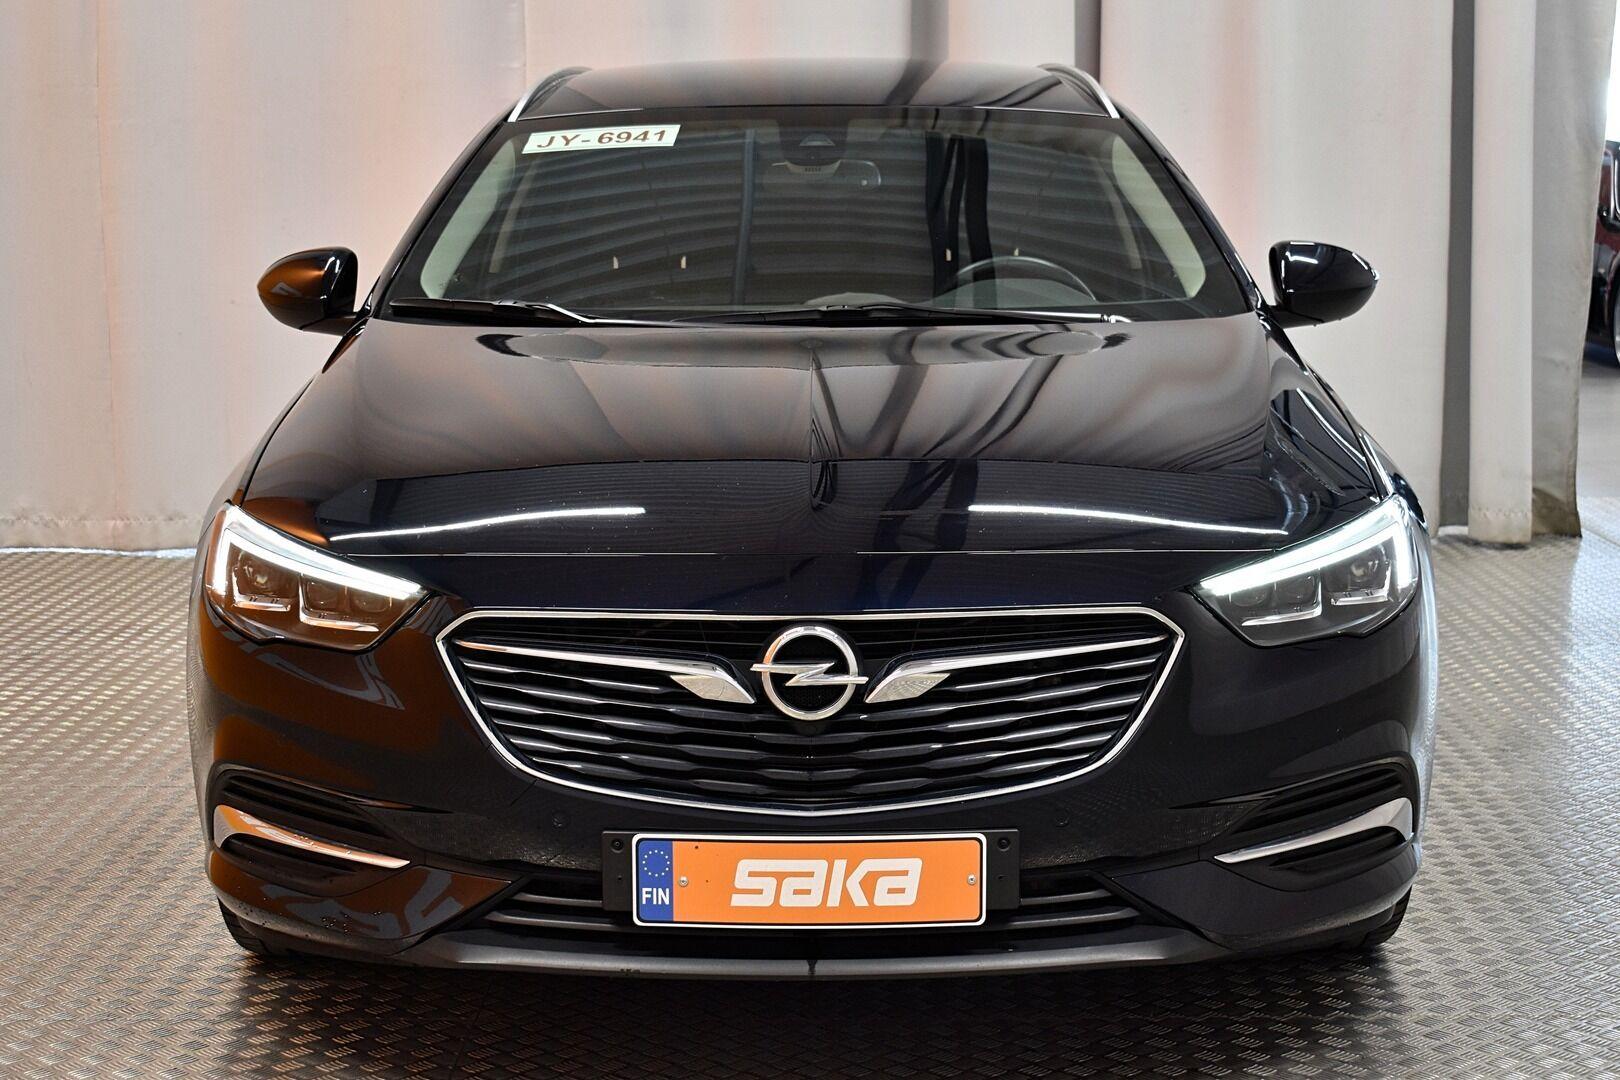 Musta Farmari, Opel Insignia – VAN-42819, kuva 6